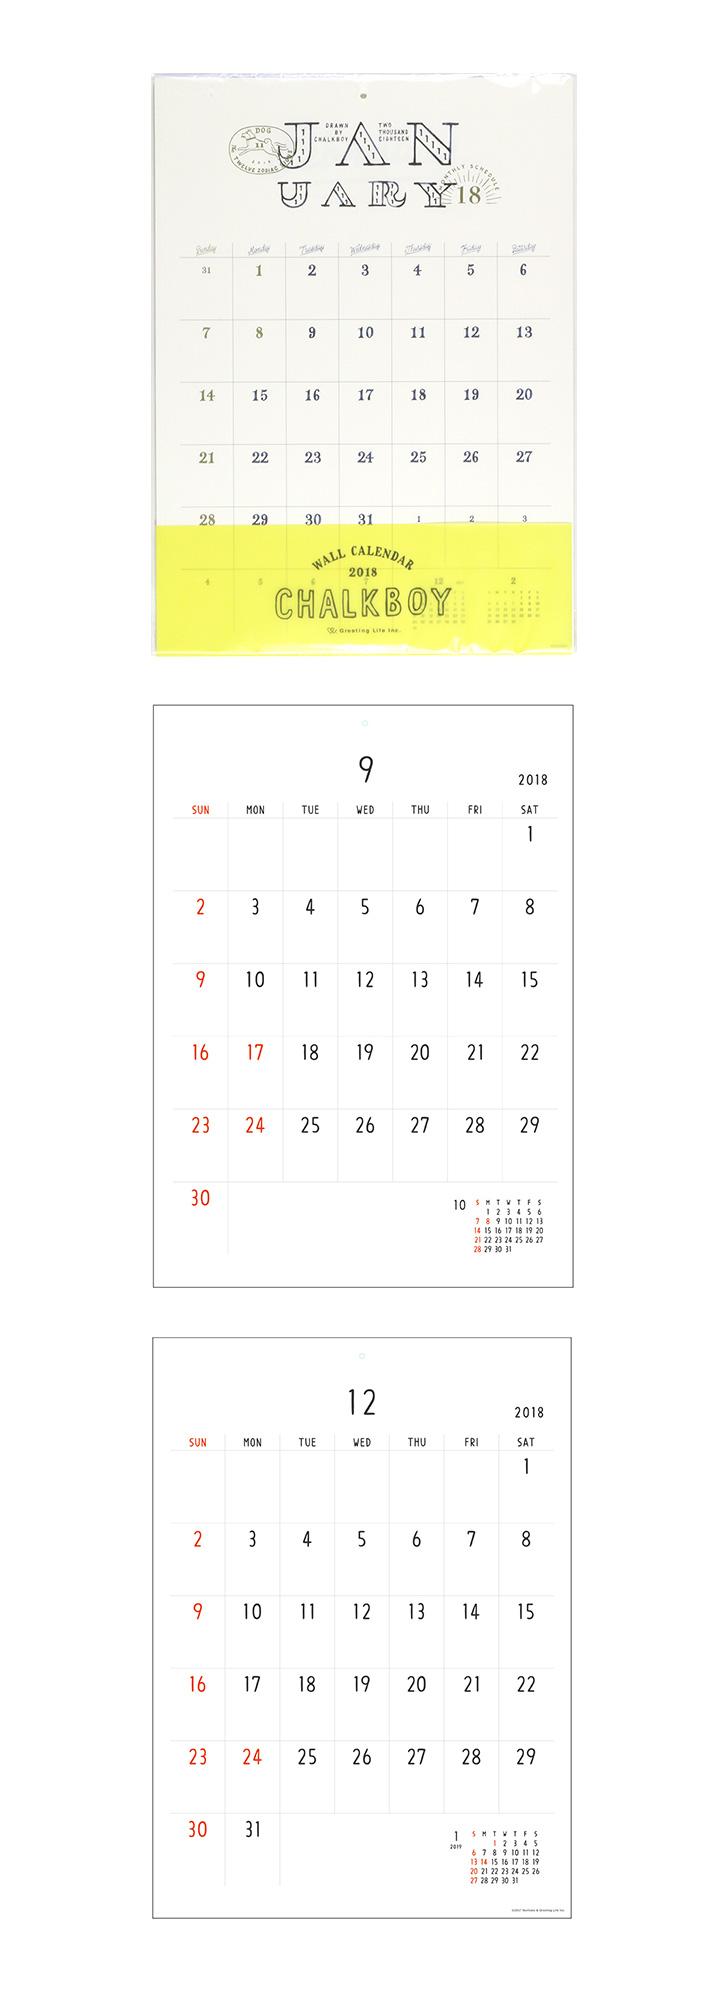 2018 チョークボーイ壁掛カレンダー